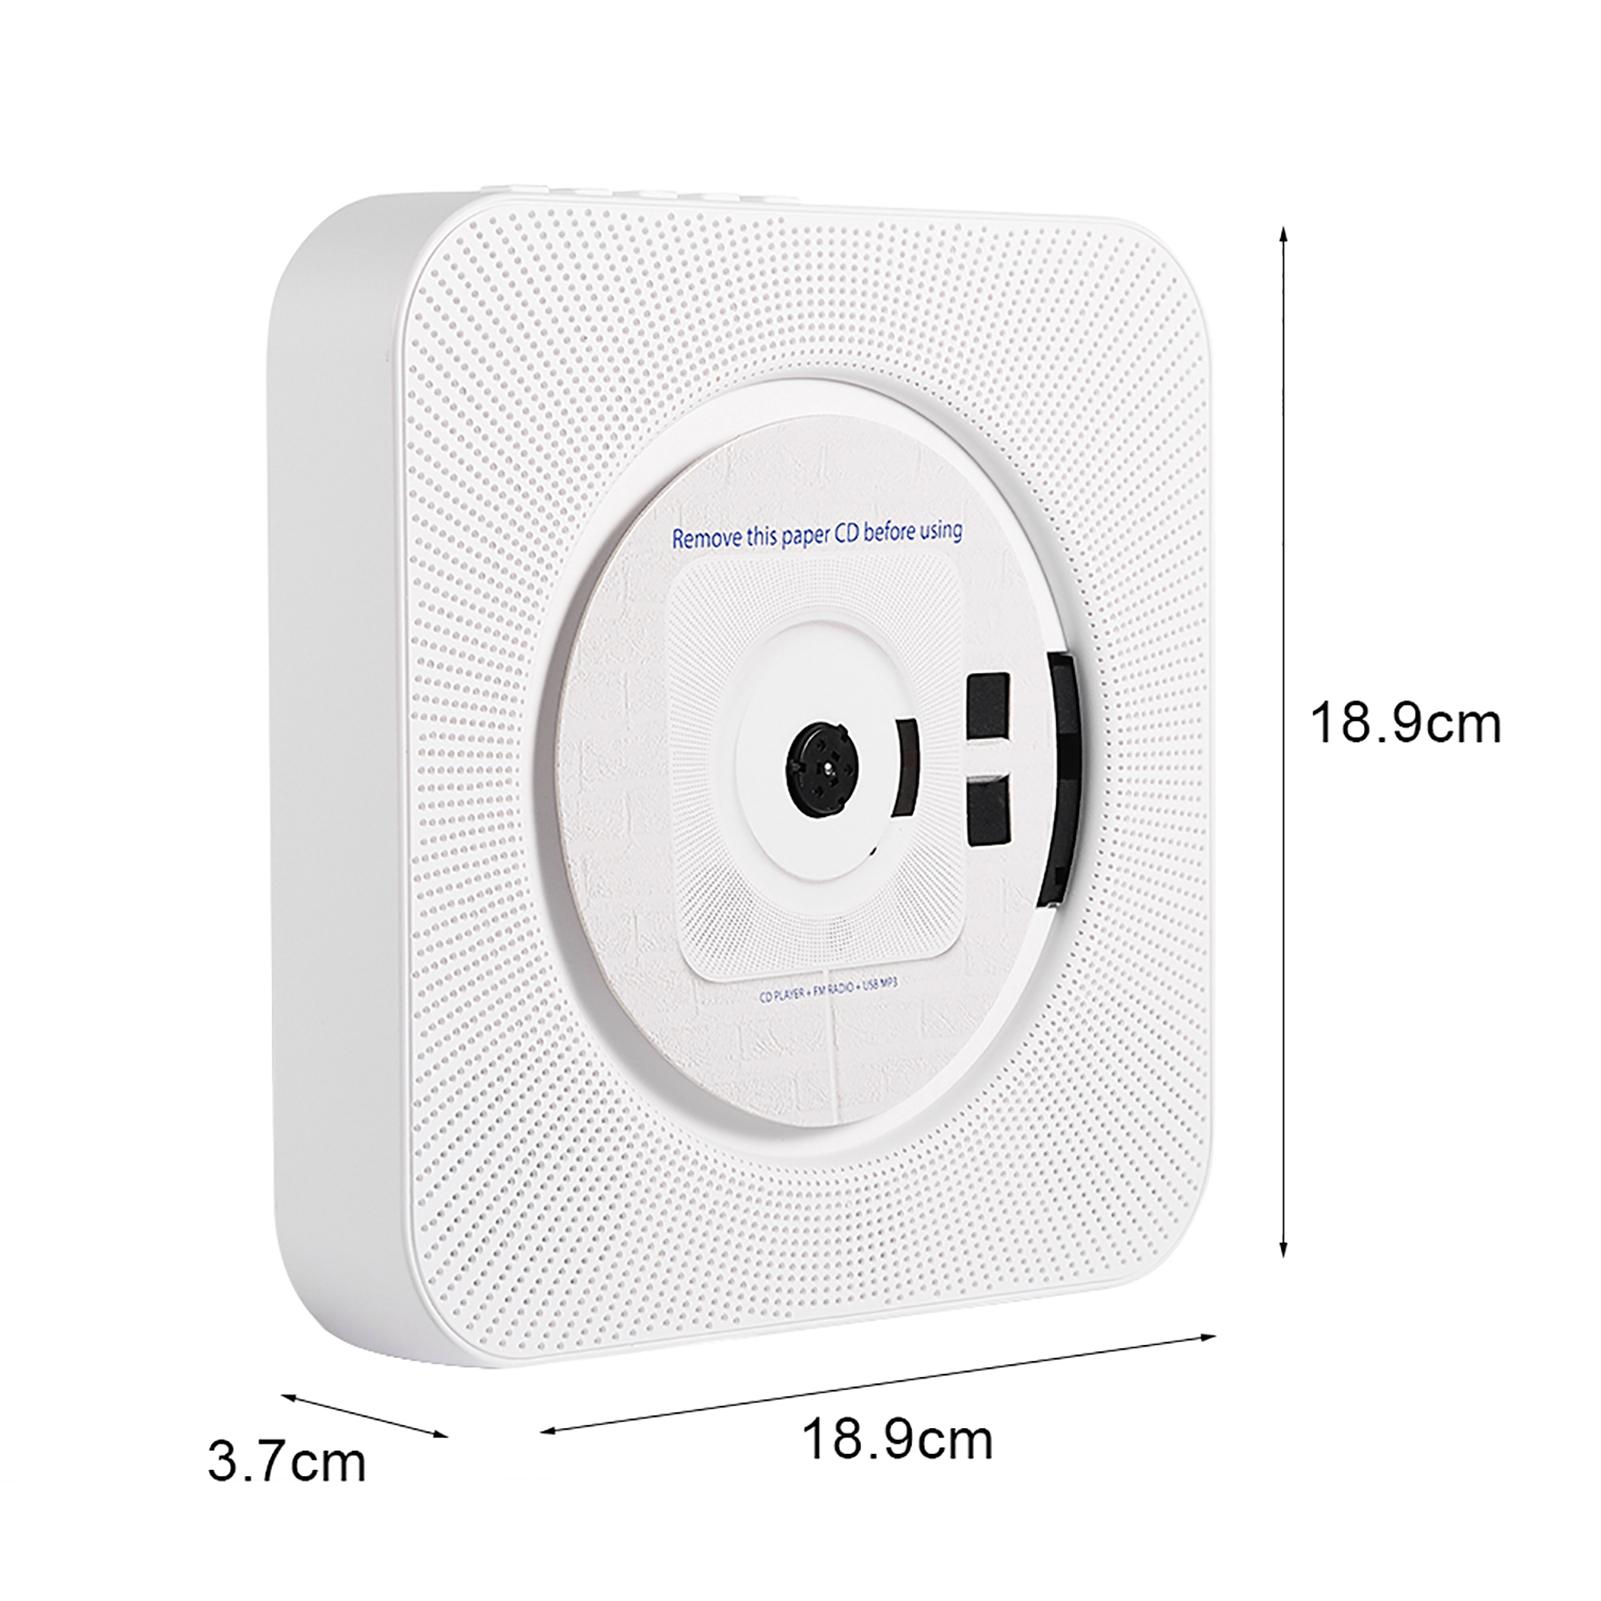 Portatile bluetooth stereo cd mp3 lettore da parete telecomando per psp phone pc ebay - Lettore cd da parete ...